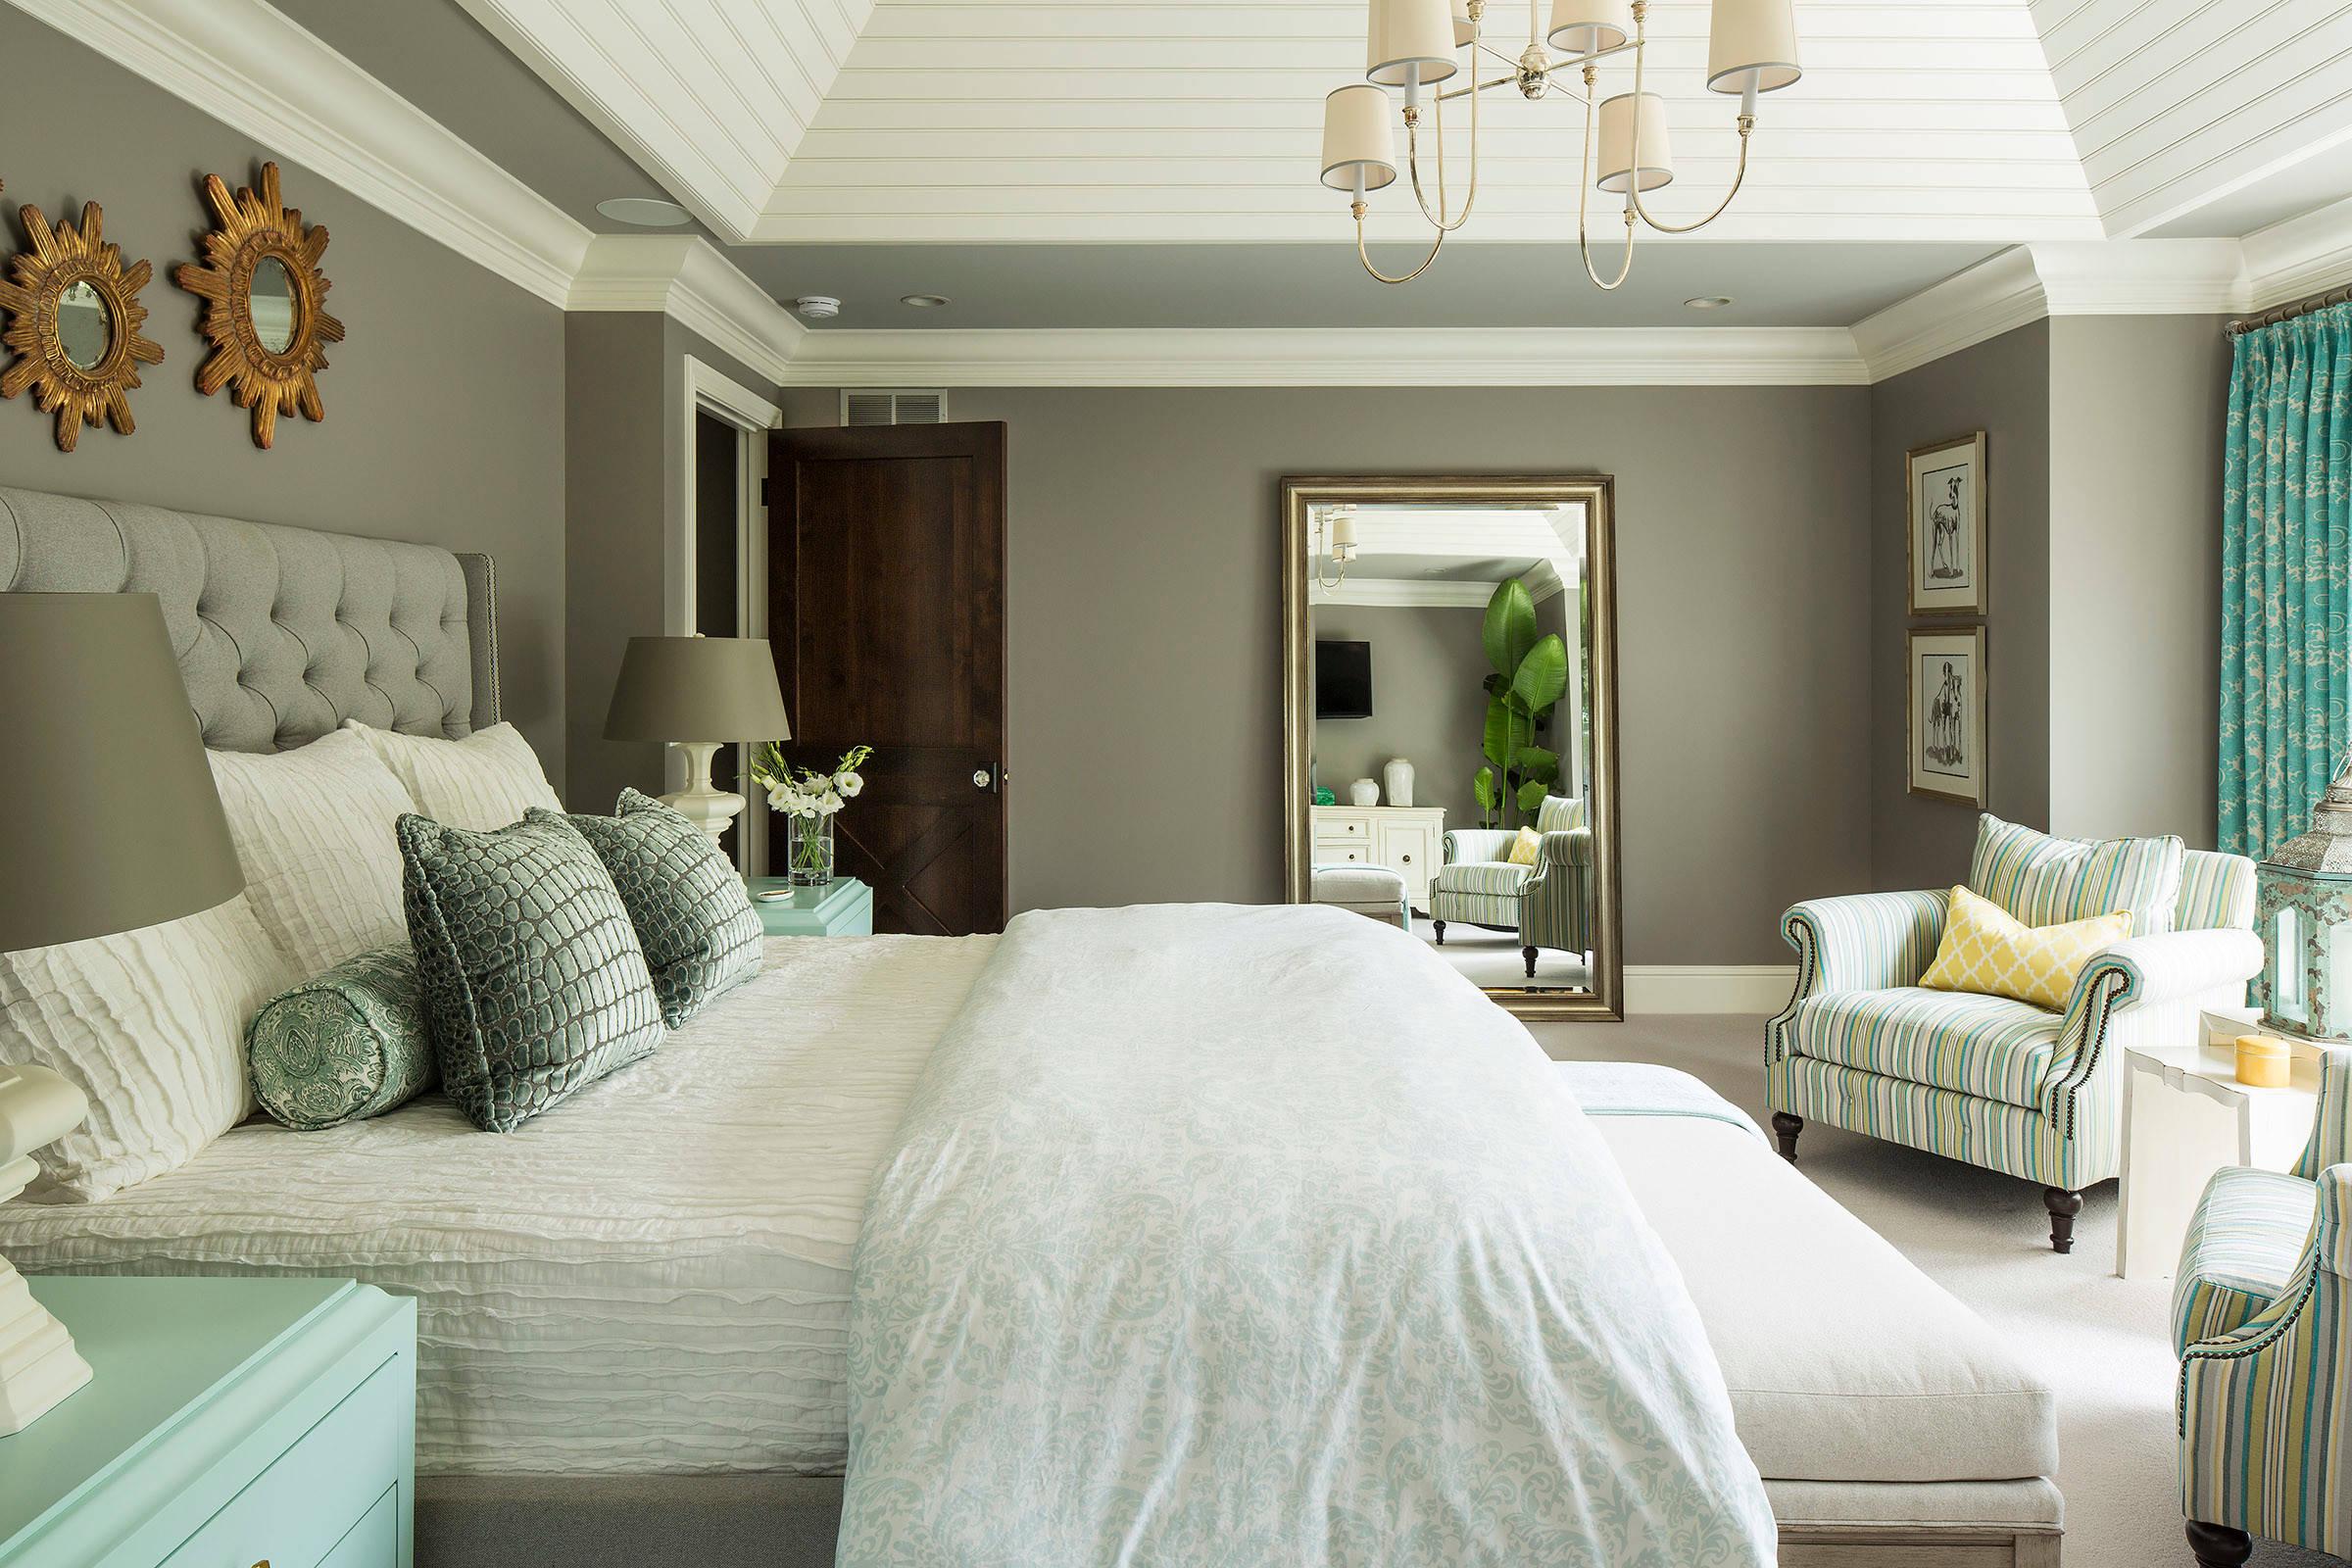 Cách bố trí giường ngủ hợp phong thủy là không đặt gương soi đối diện với giường ngủ bởi nó sẽ phản chiếu hình ảnh nhạy cảm của vợ chồng